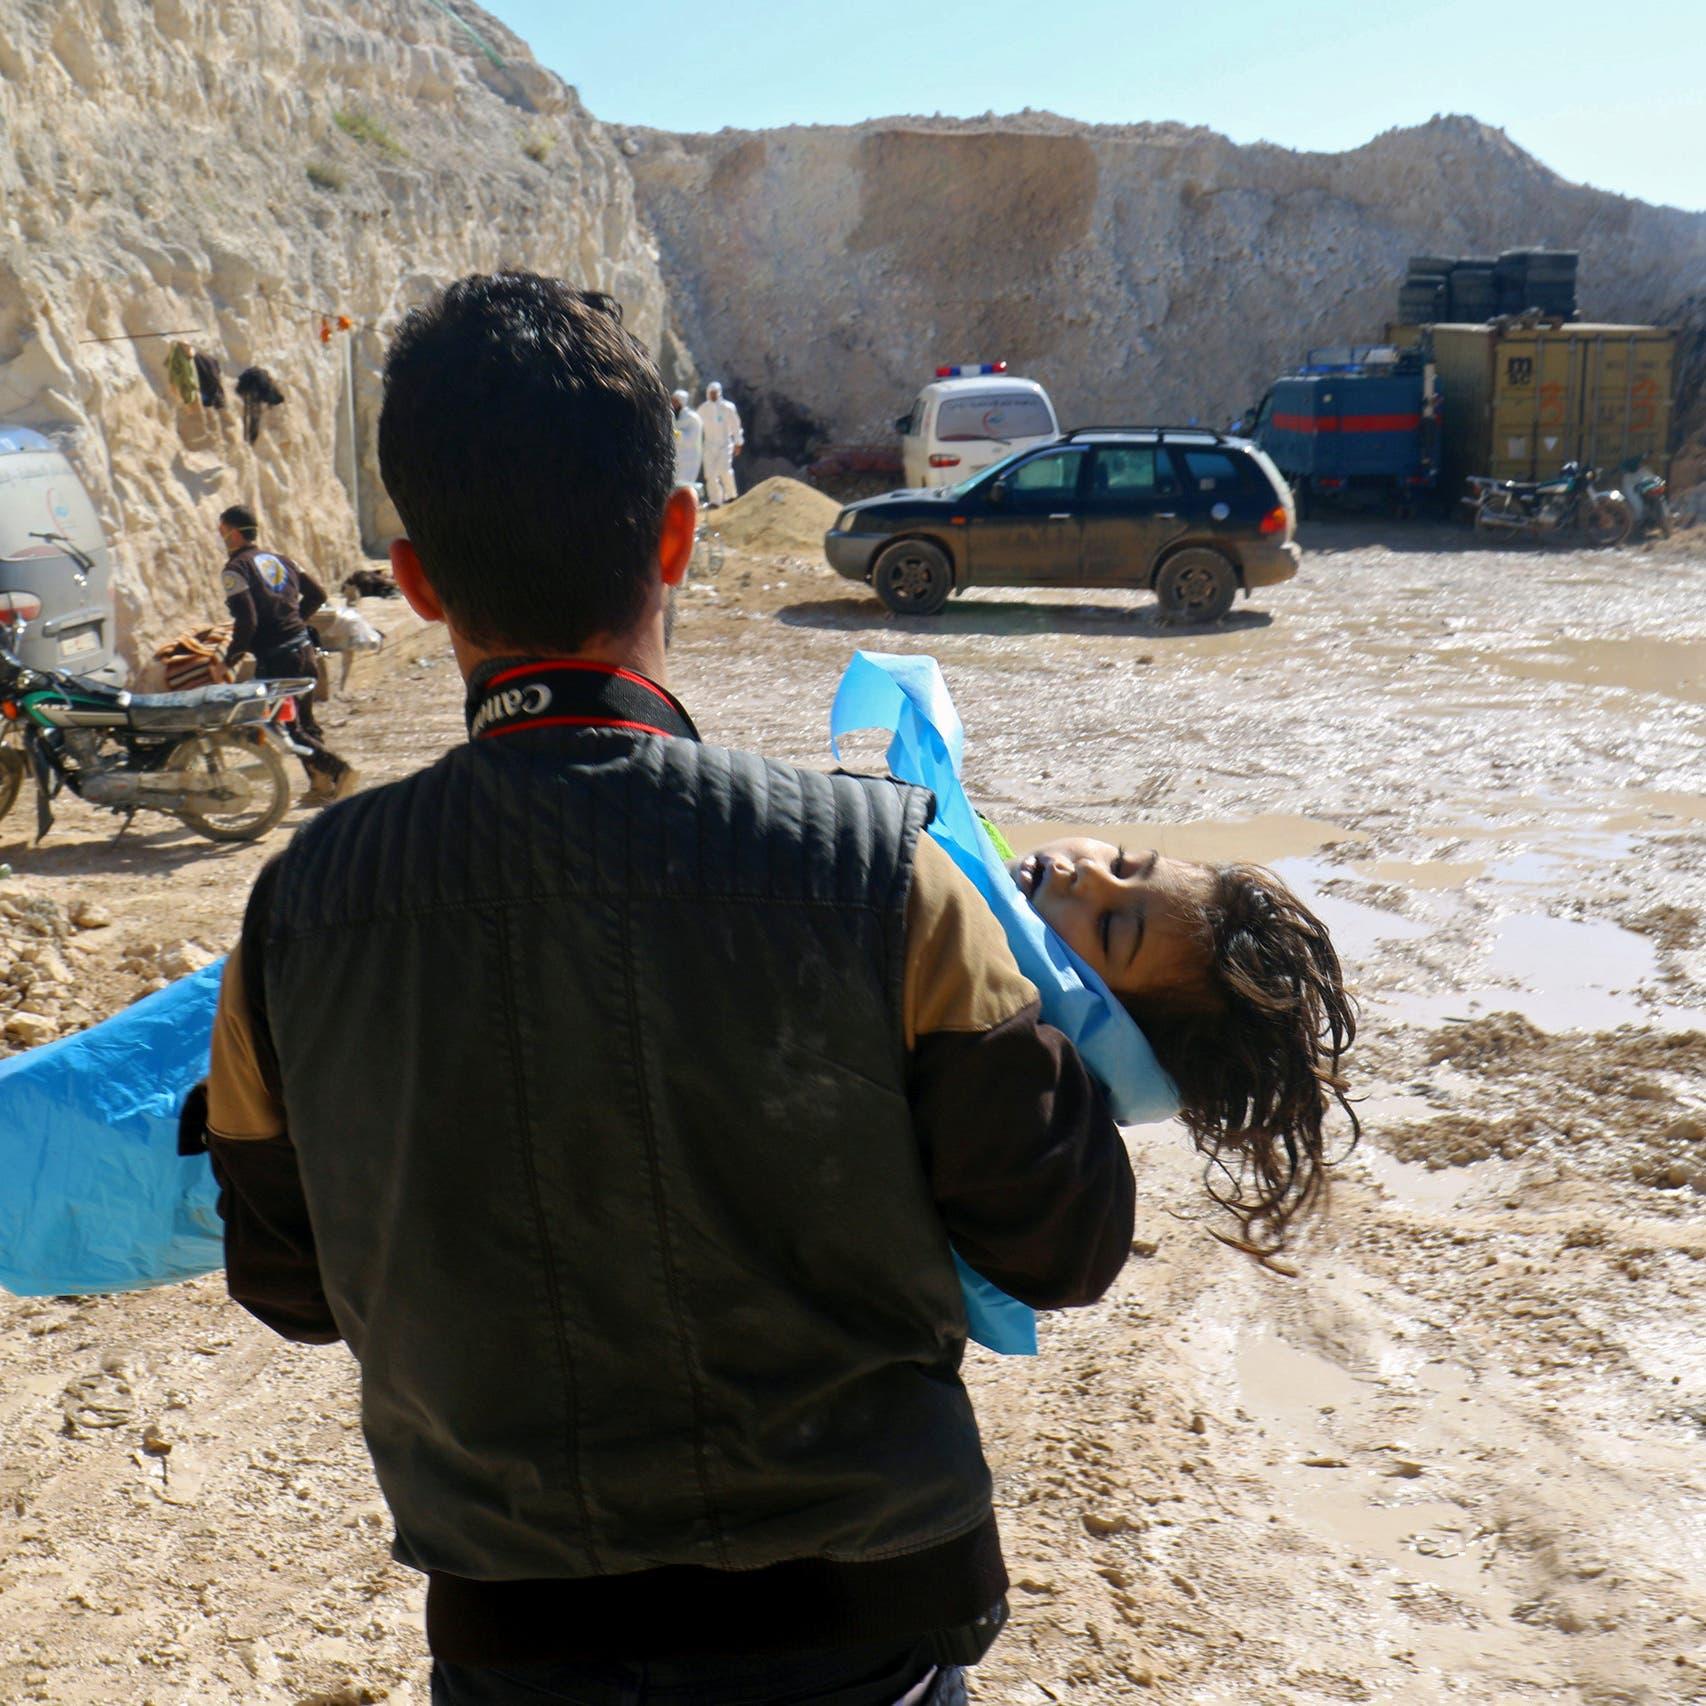 منظمة حظر الكيماوي: نظام الأسد استخدم غاز الكلور في 2018